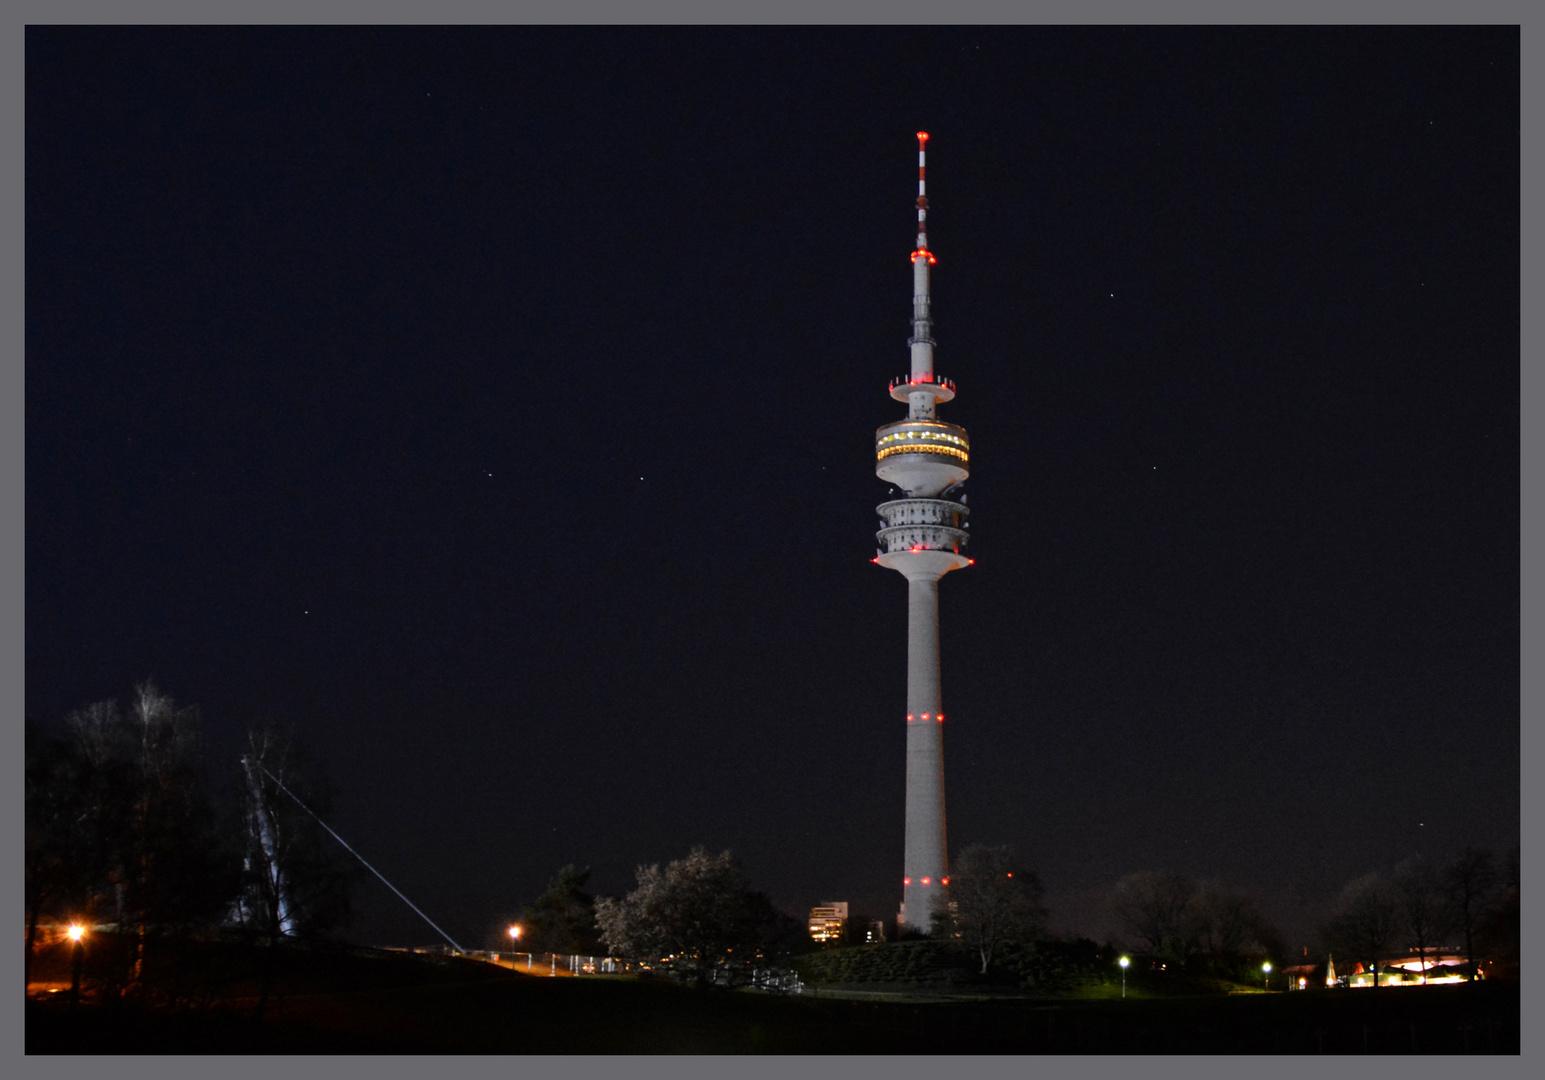 Olympiaturm mit Großem Wagen